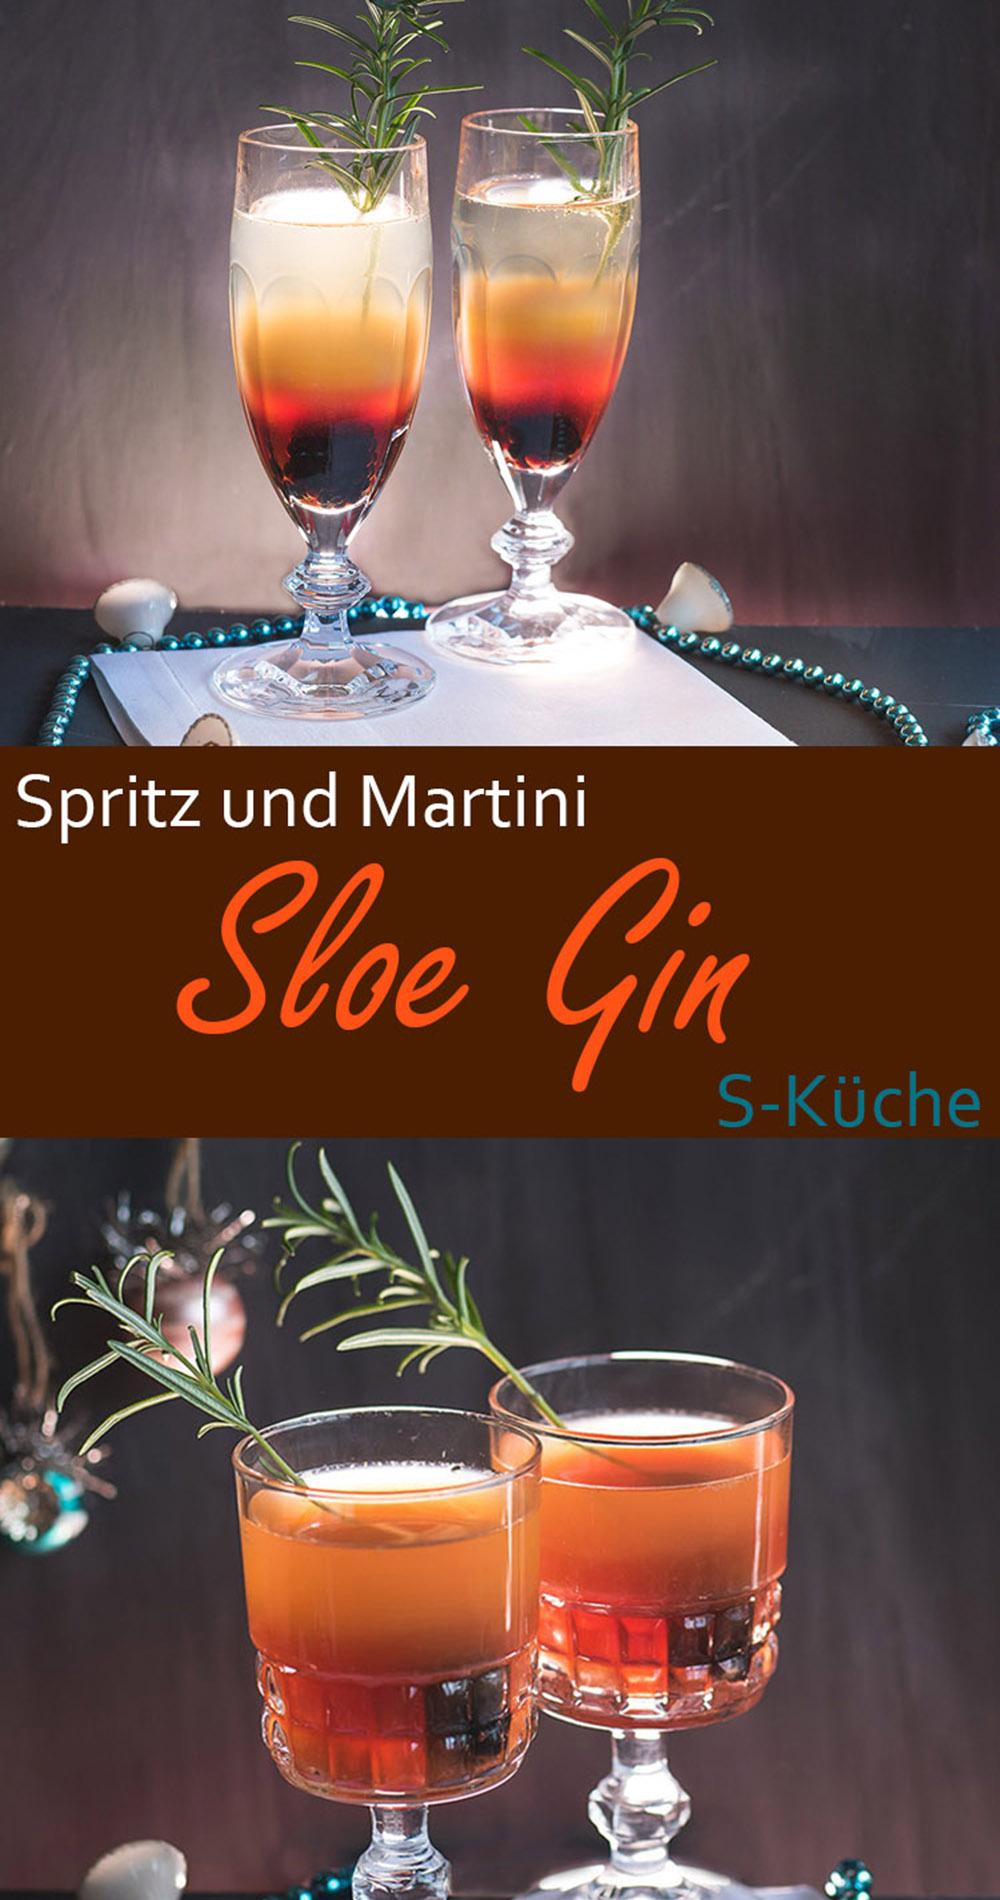 Sloe Gin Cocktails - Sloe Gin Spritz und Sloe Gin Martini. Cocktail, Drink, erfrischend für die Gin o'clock, Winterdrink schnell gemixt #sloegin #gin #cocktail #drink